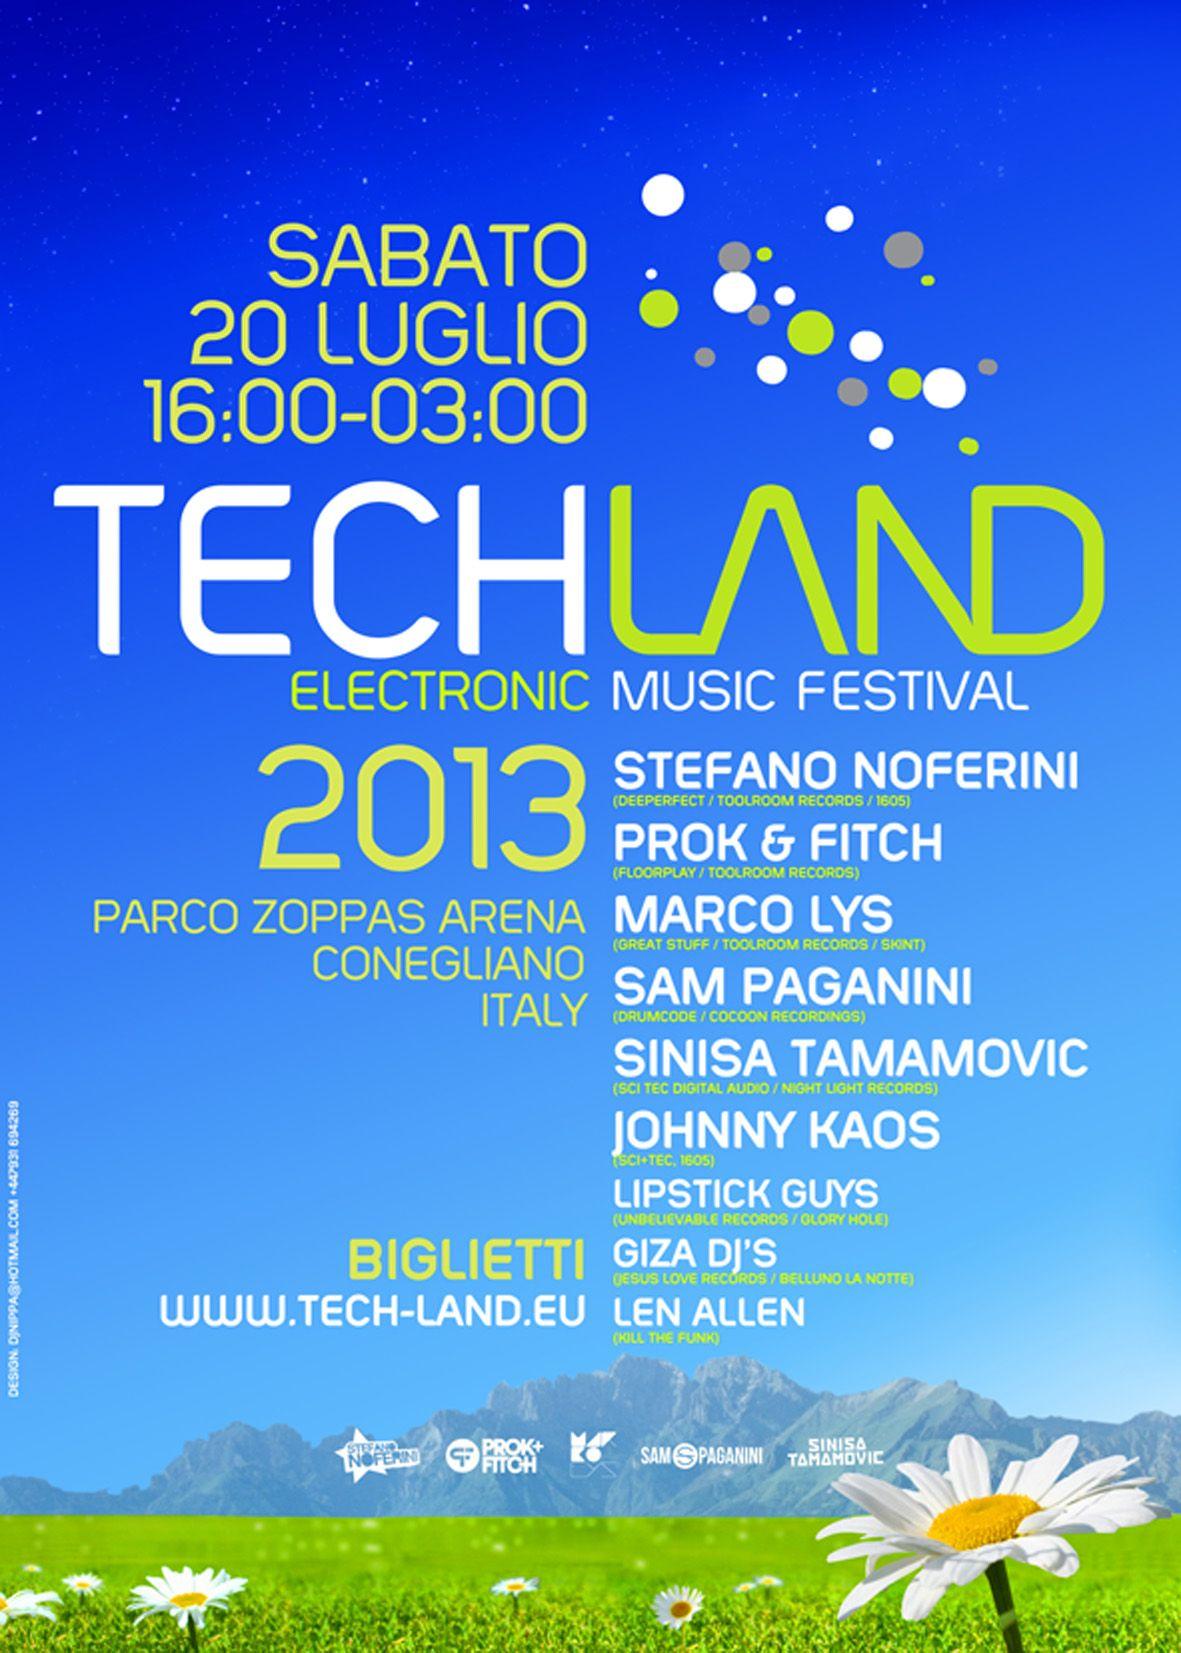 Techland - 20 luglio 2013